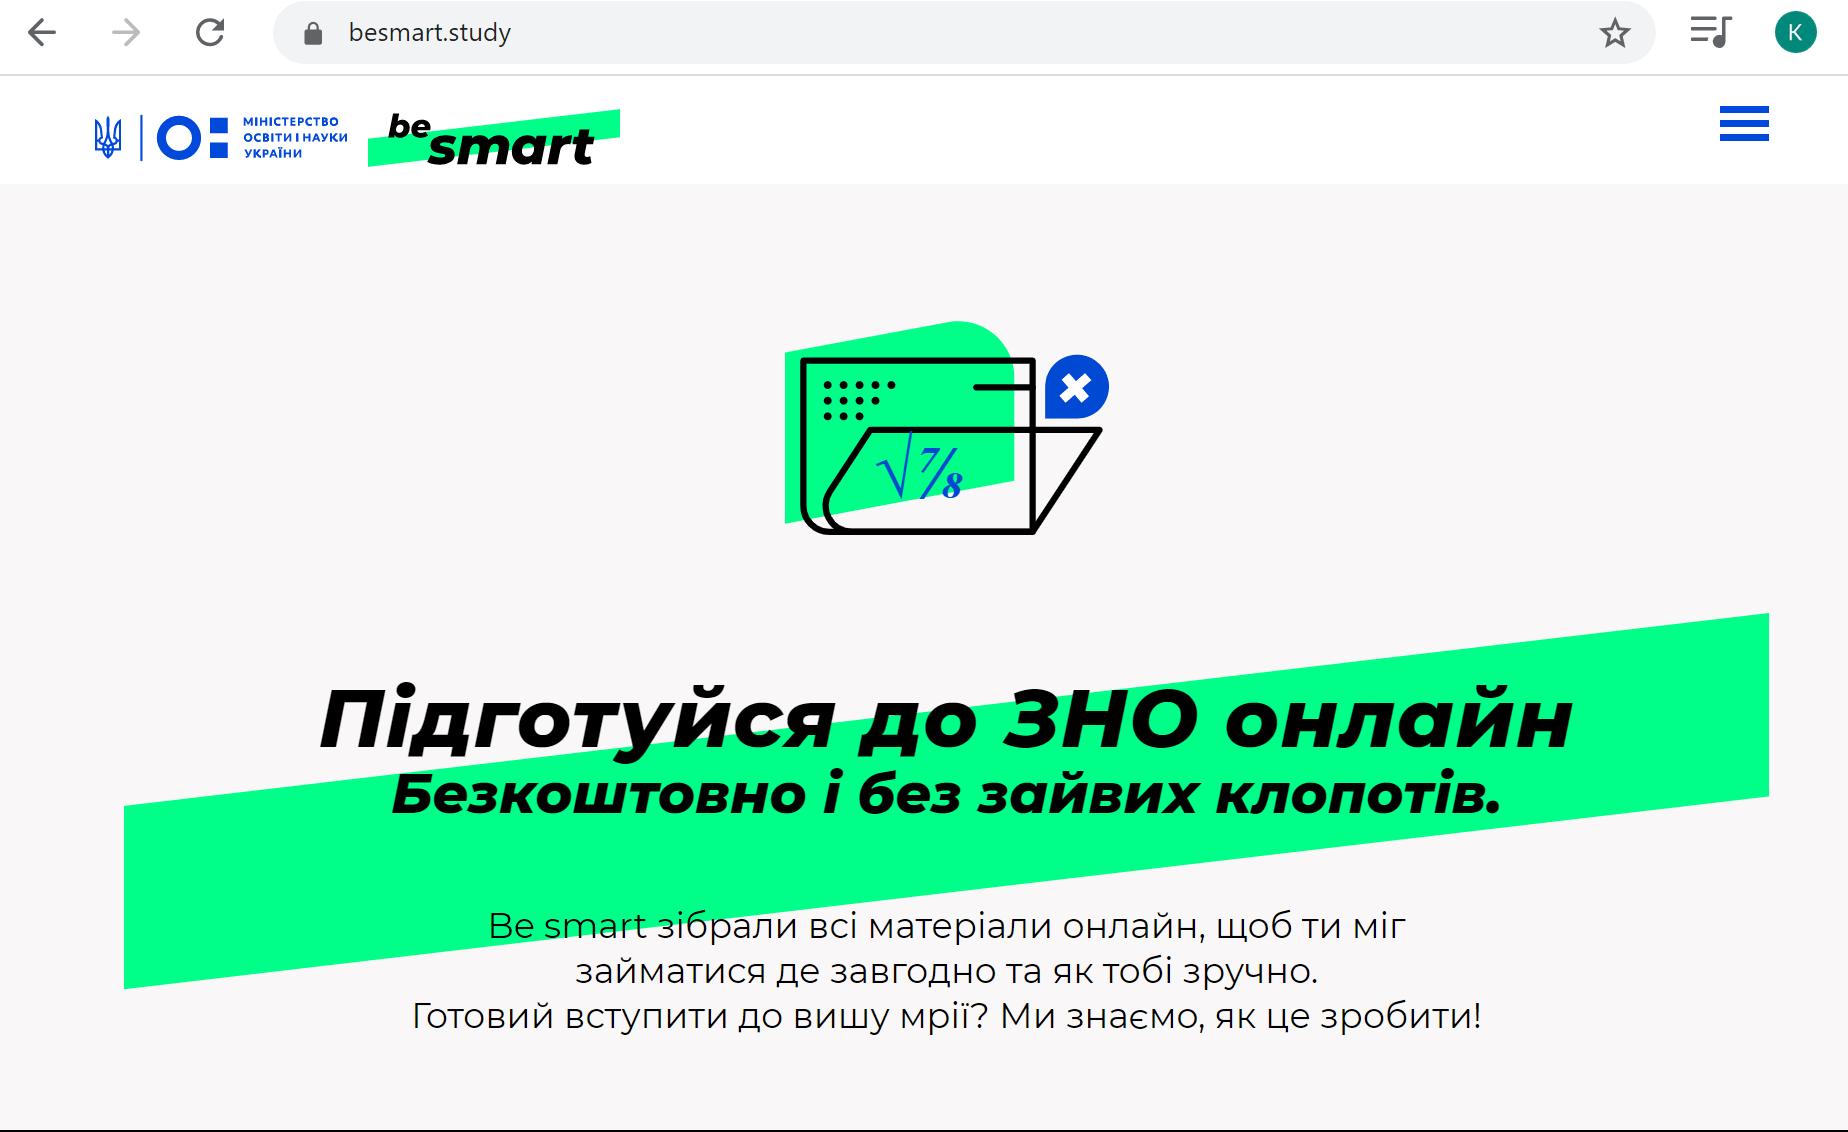 https://osvita-omr.gov.ua/wp-content/uploads/2020/03/ve-smart.png